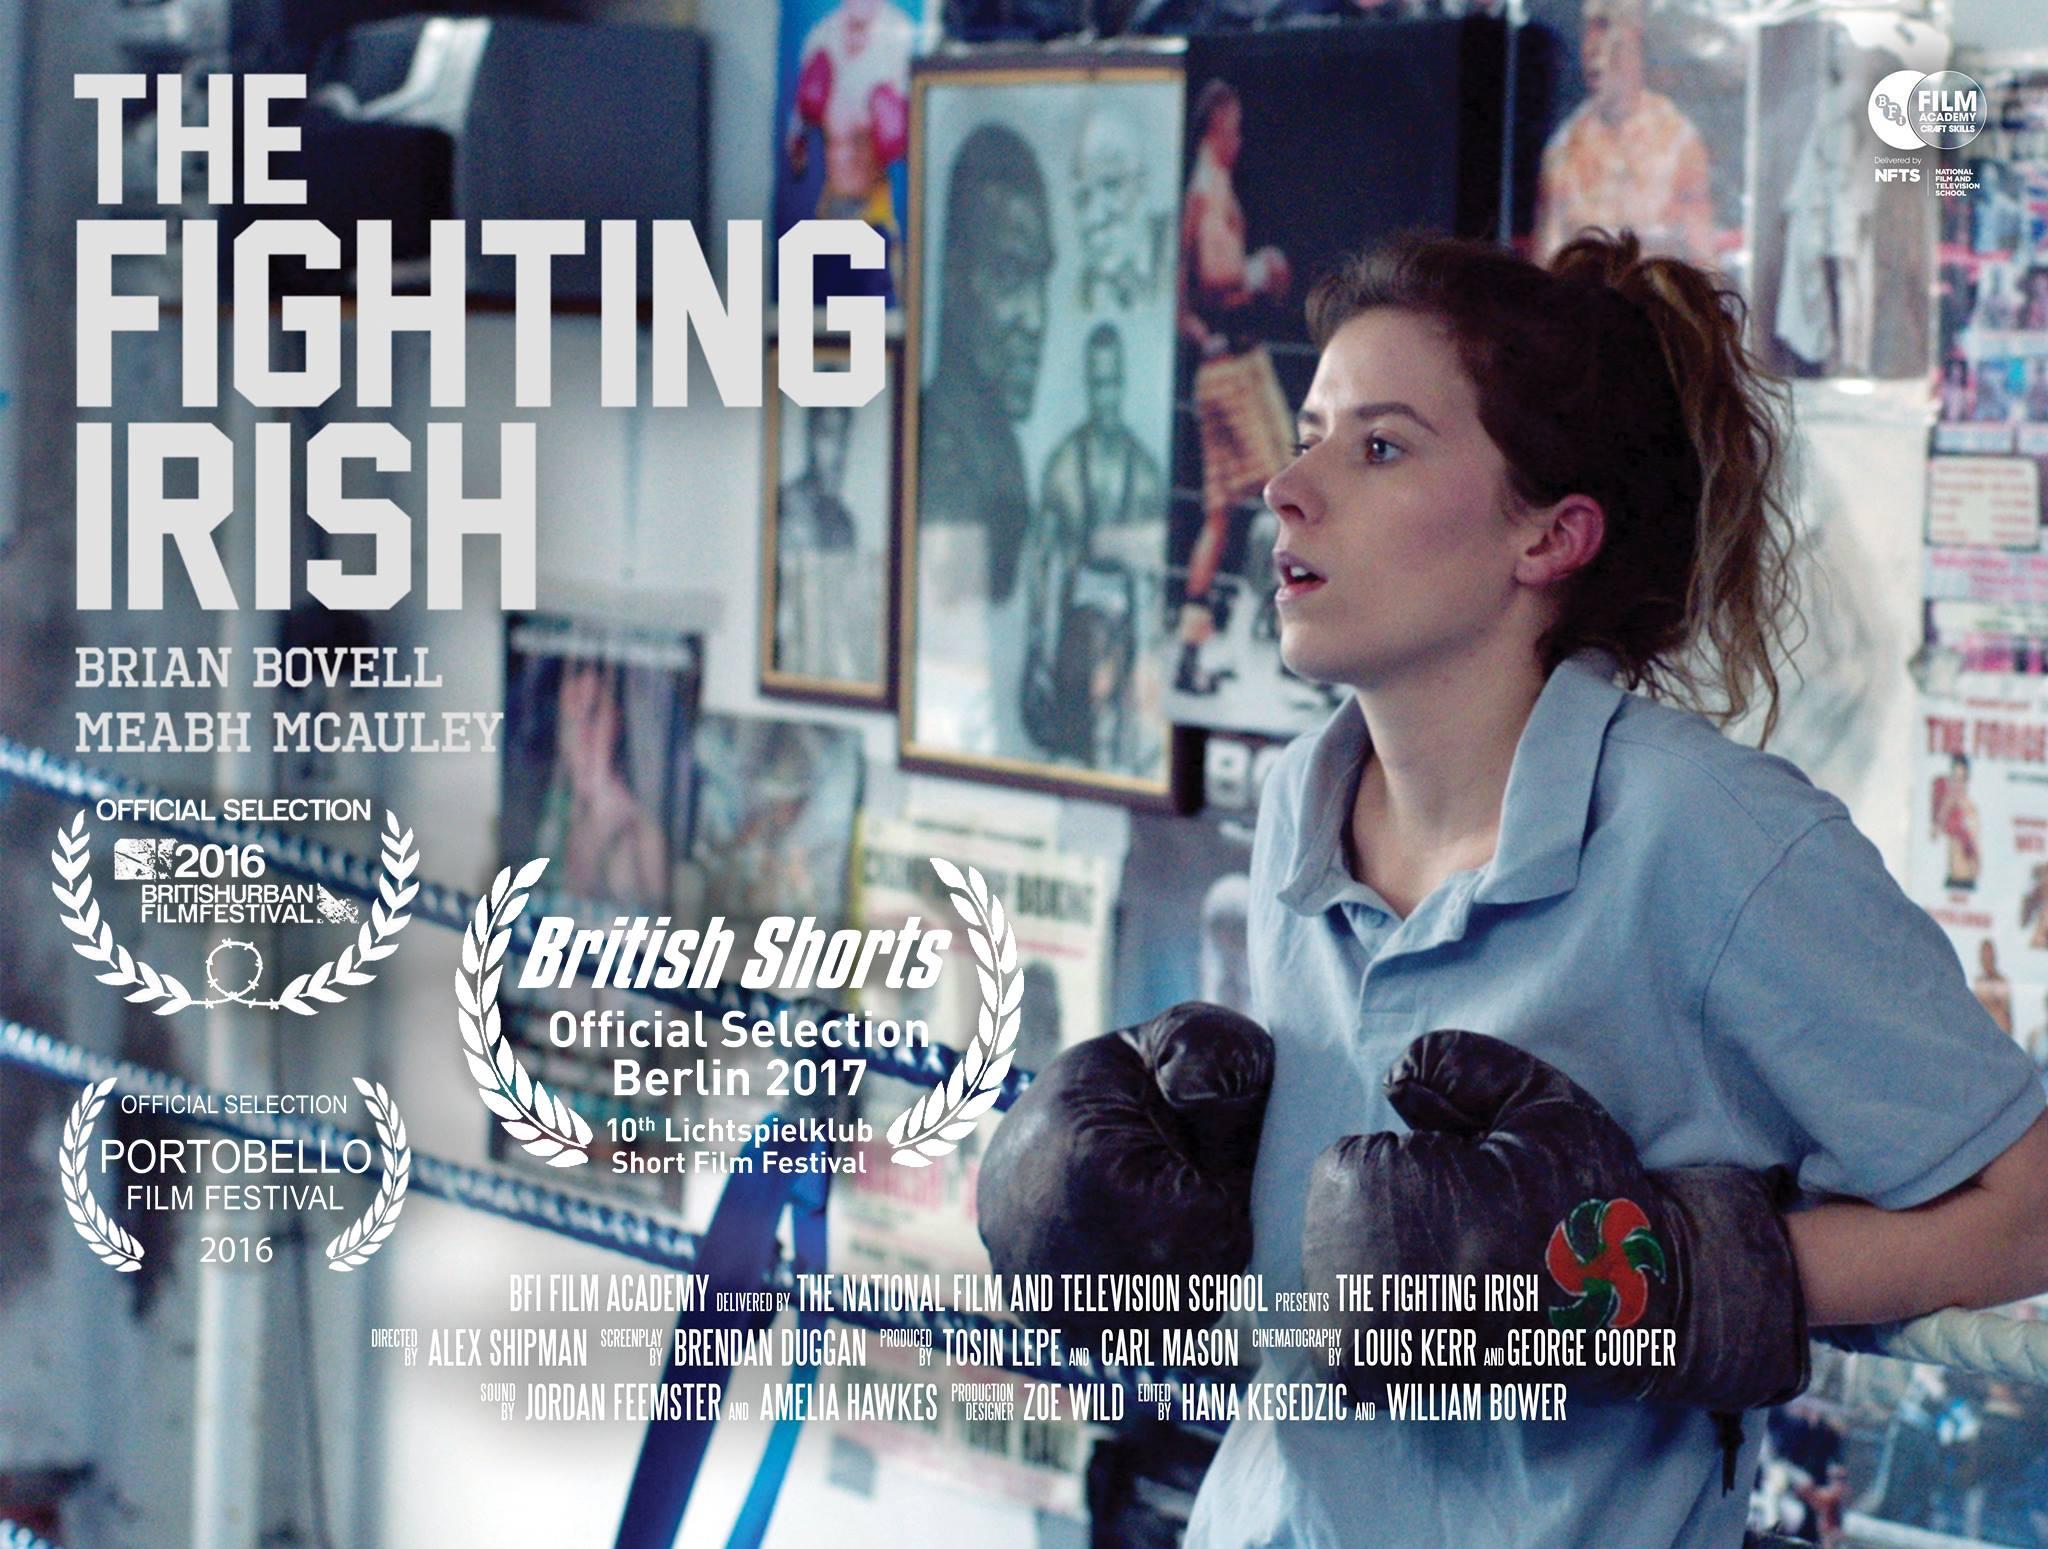 The Fighting Irish Film Poster